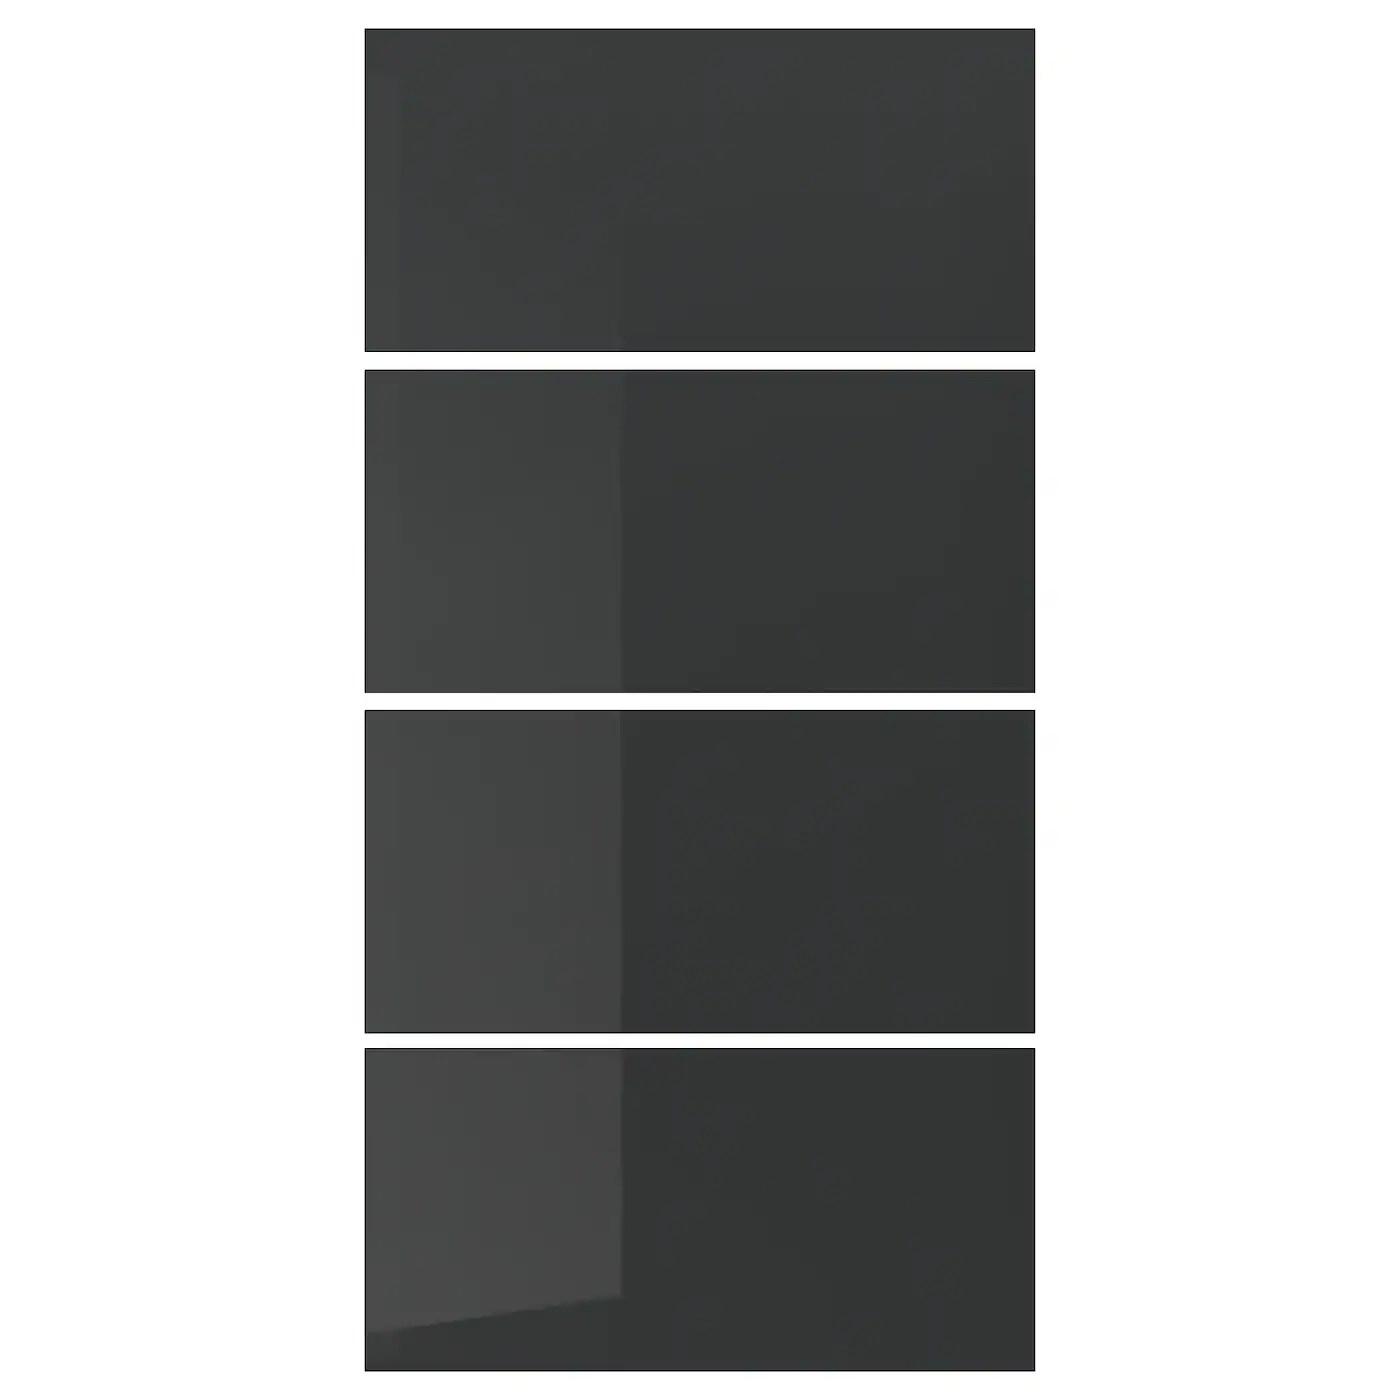 4 Panels For Sliding Door Frame Uggdal Grey Glass